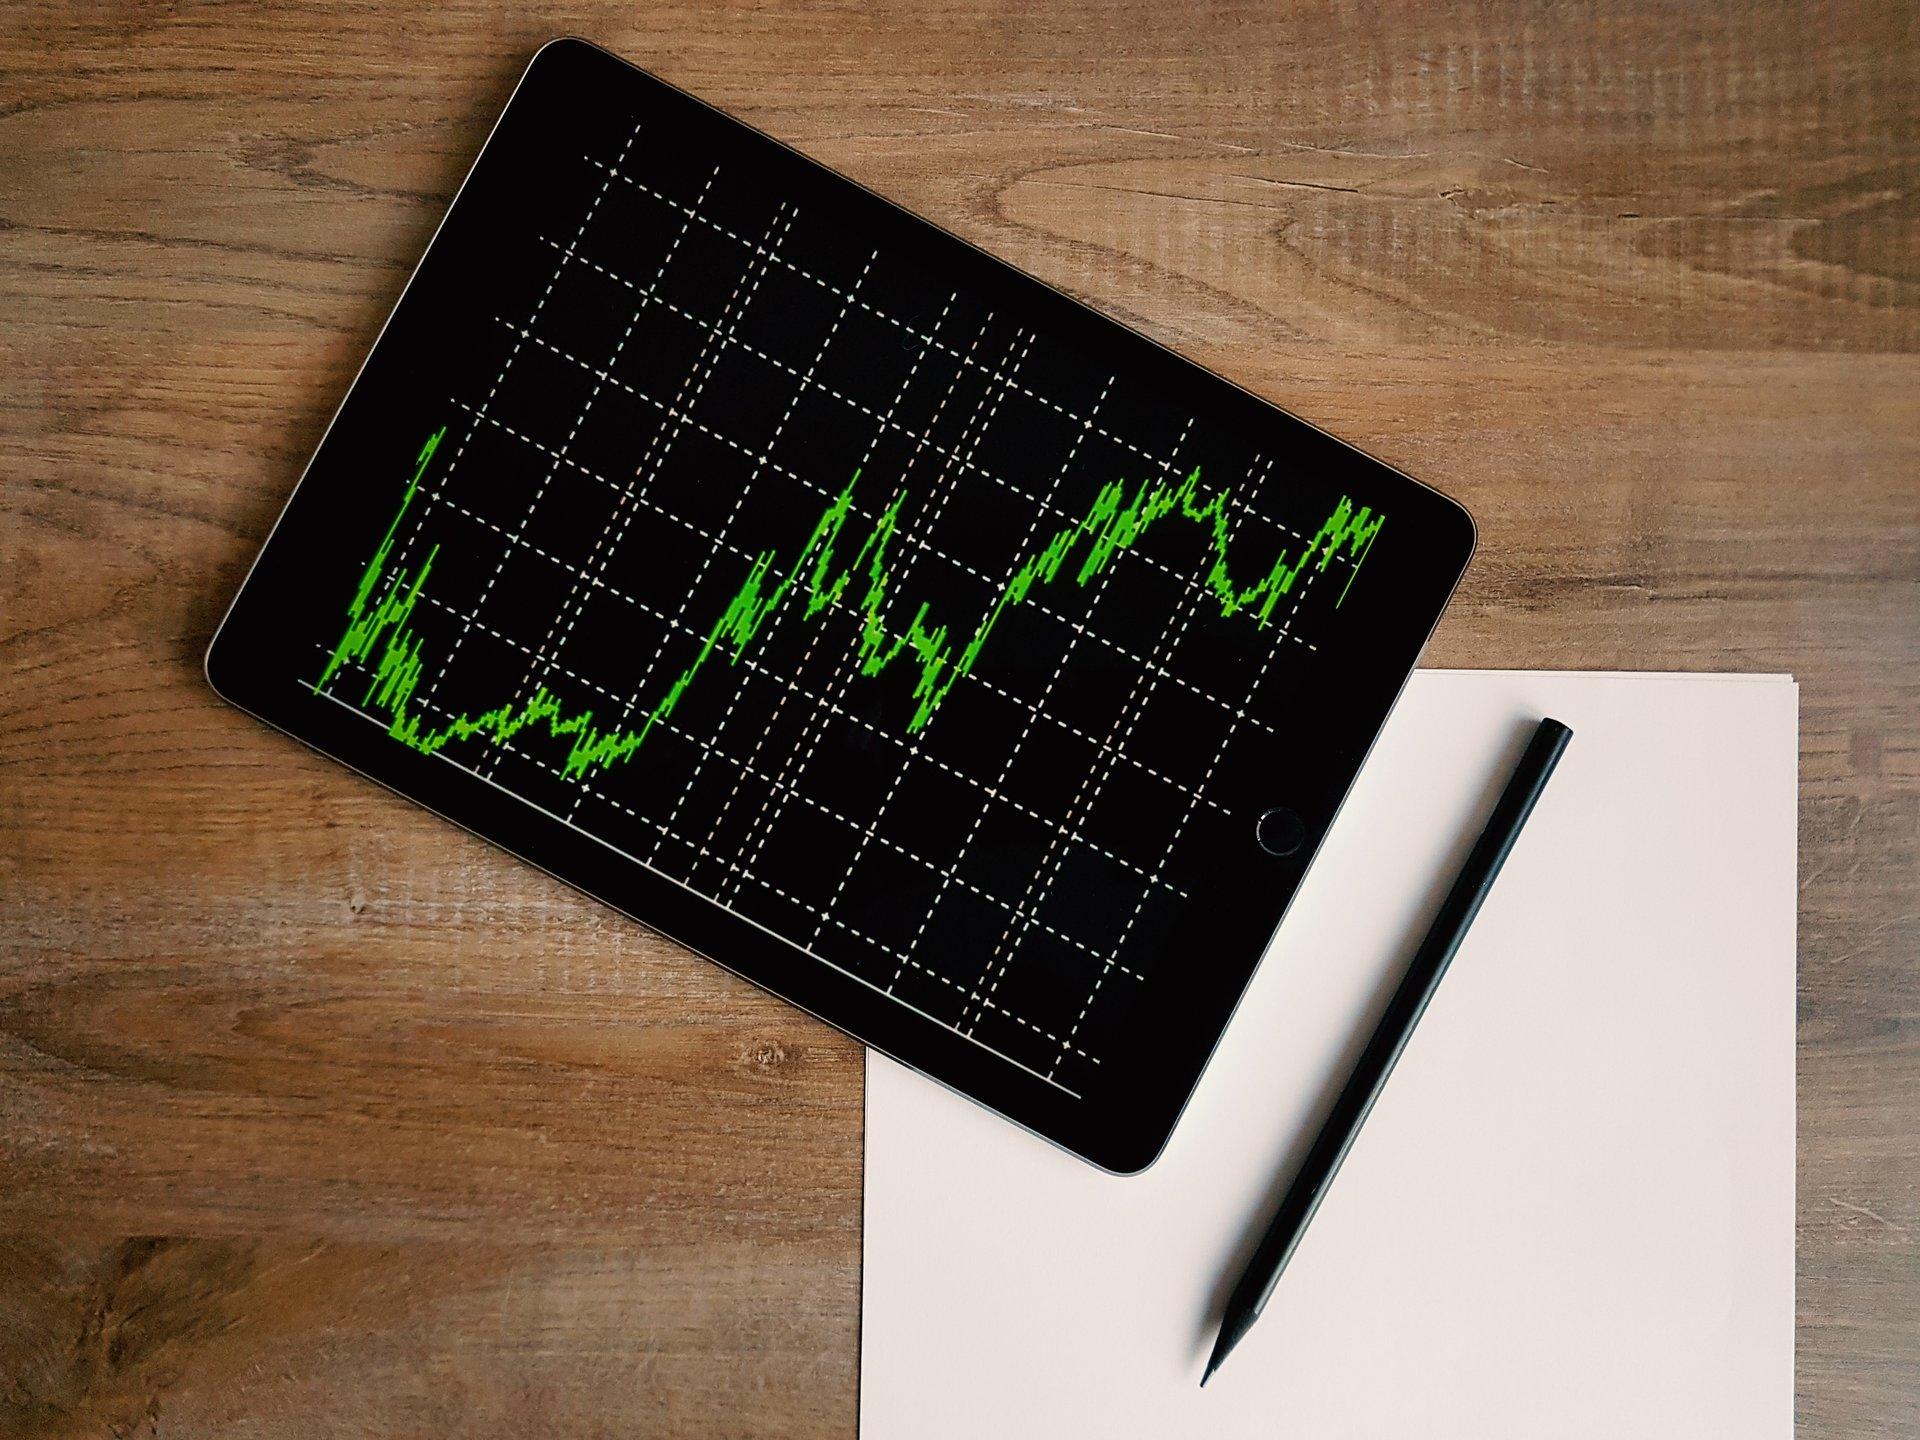 Правильные цены: как определять стоимость товара в интернет-магазине